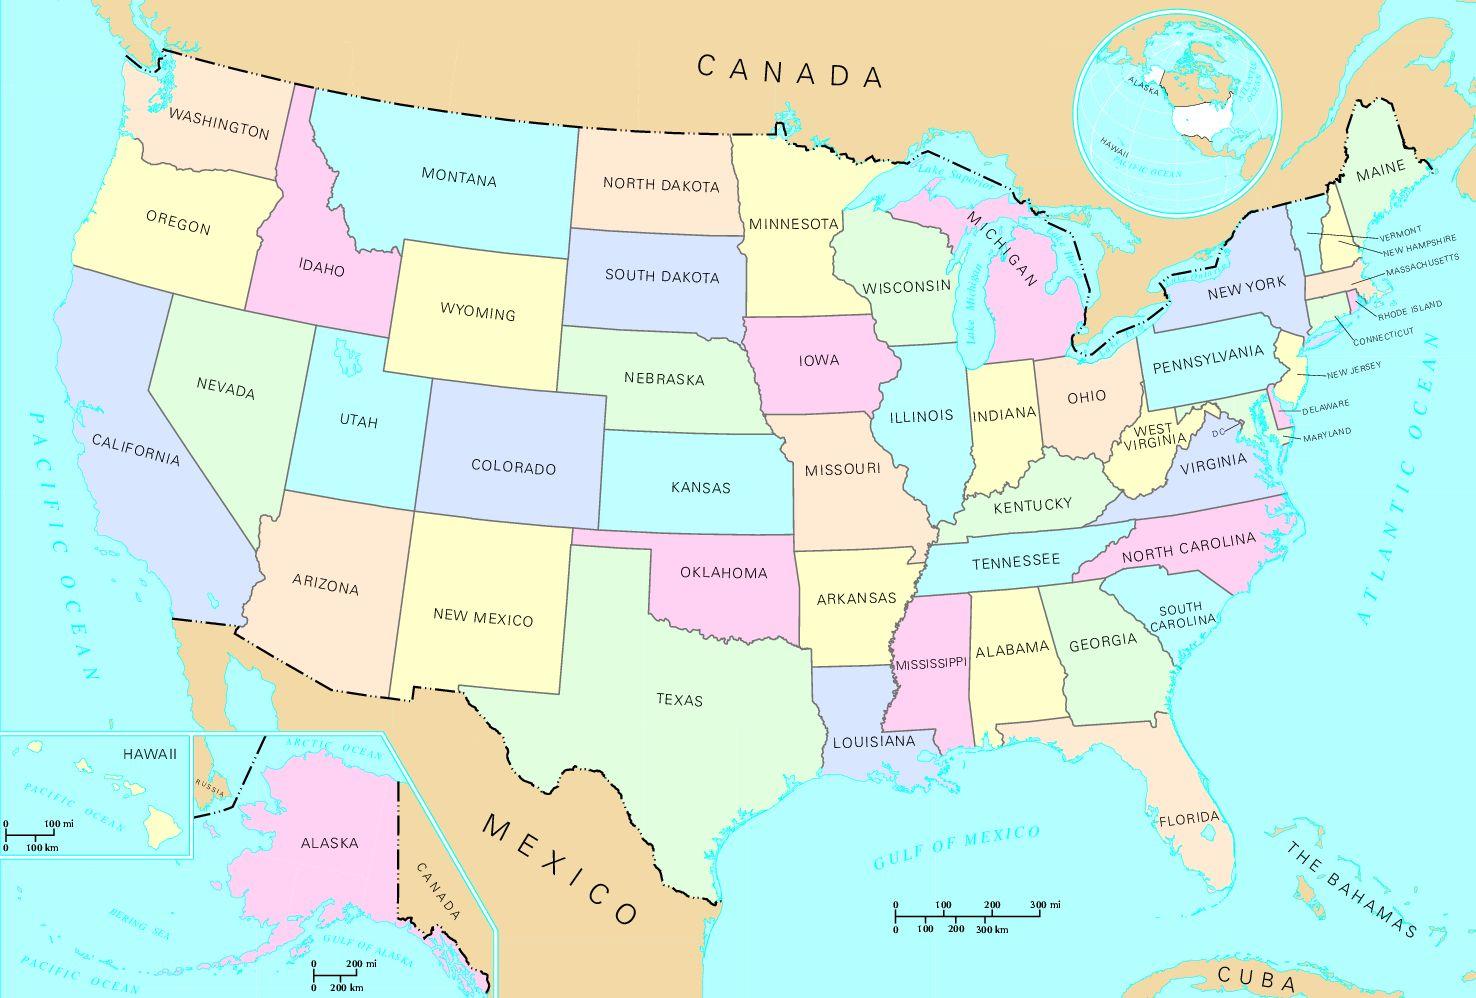 Séjour linguistique USA : L'avantage réel des séjours linguistiques pour pratiquer l'anglais